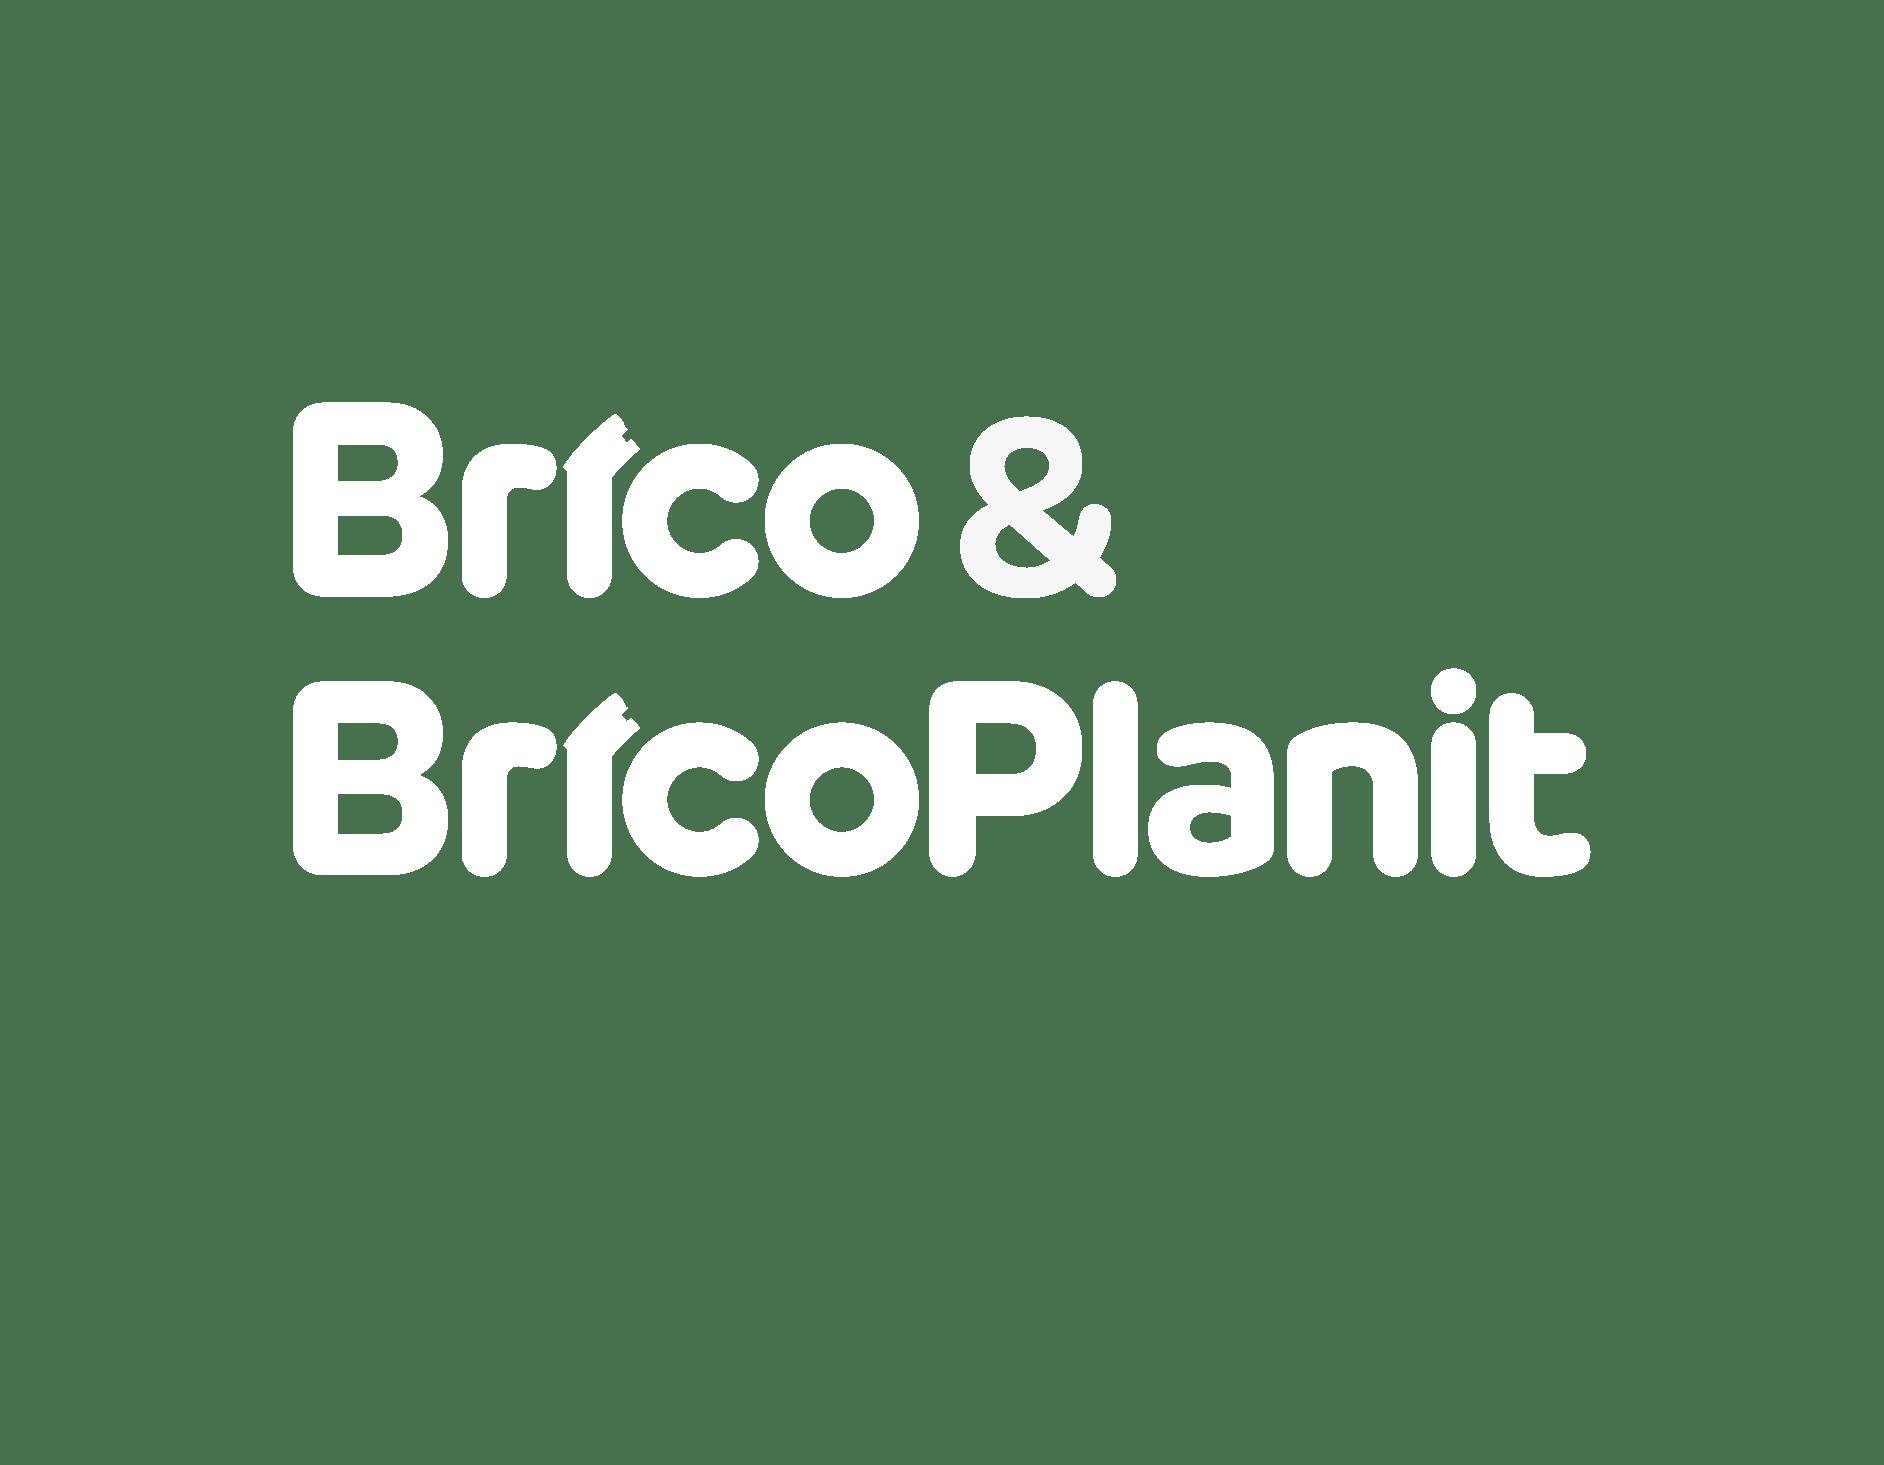 Brico & Brico PlanIt